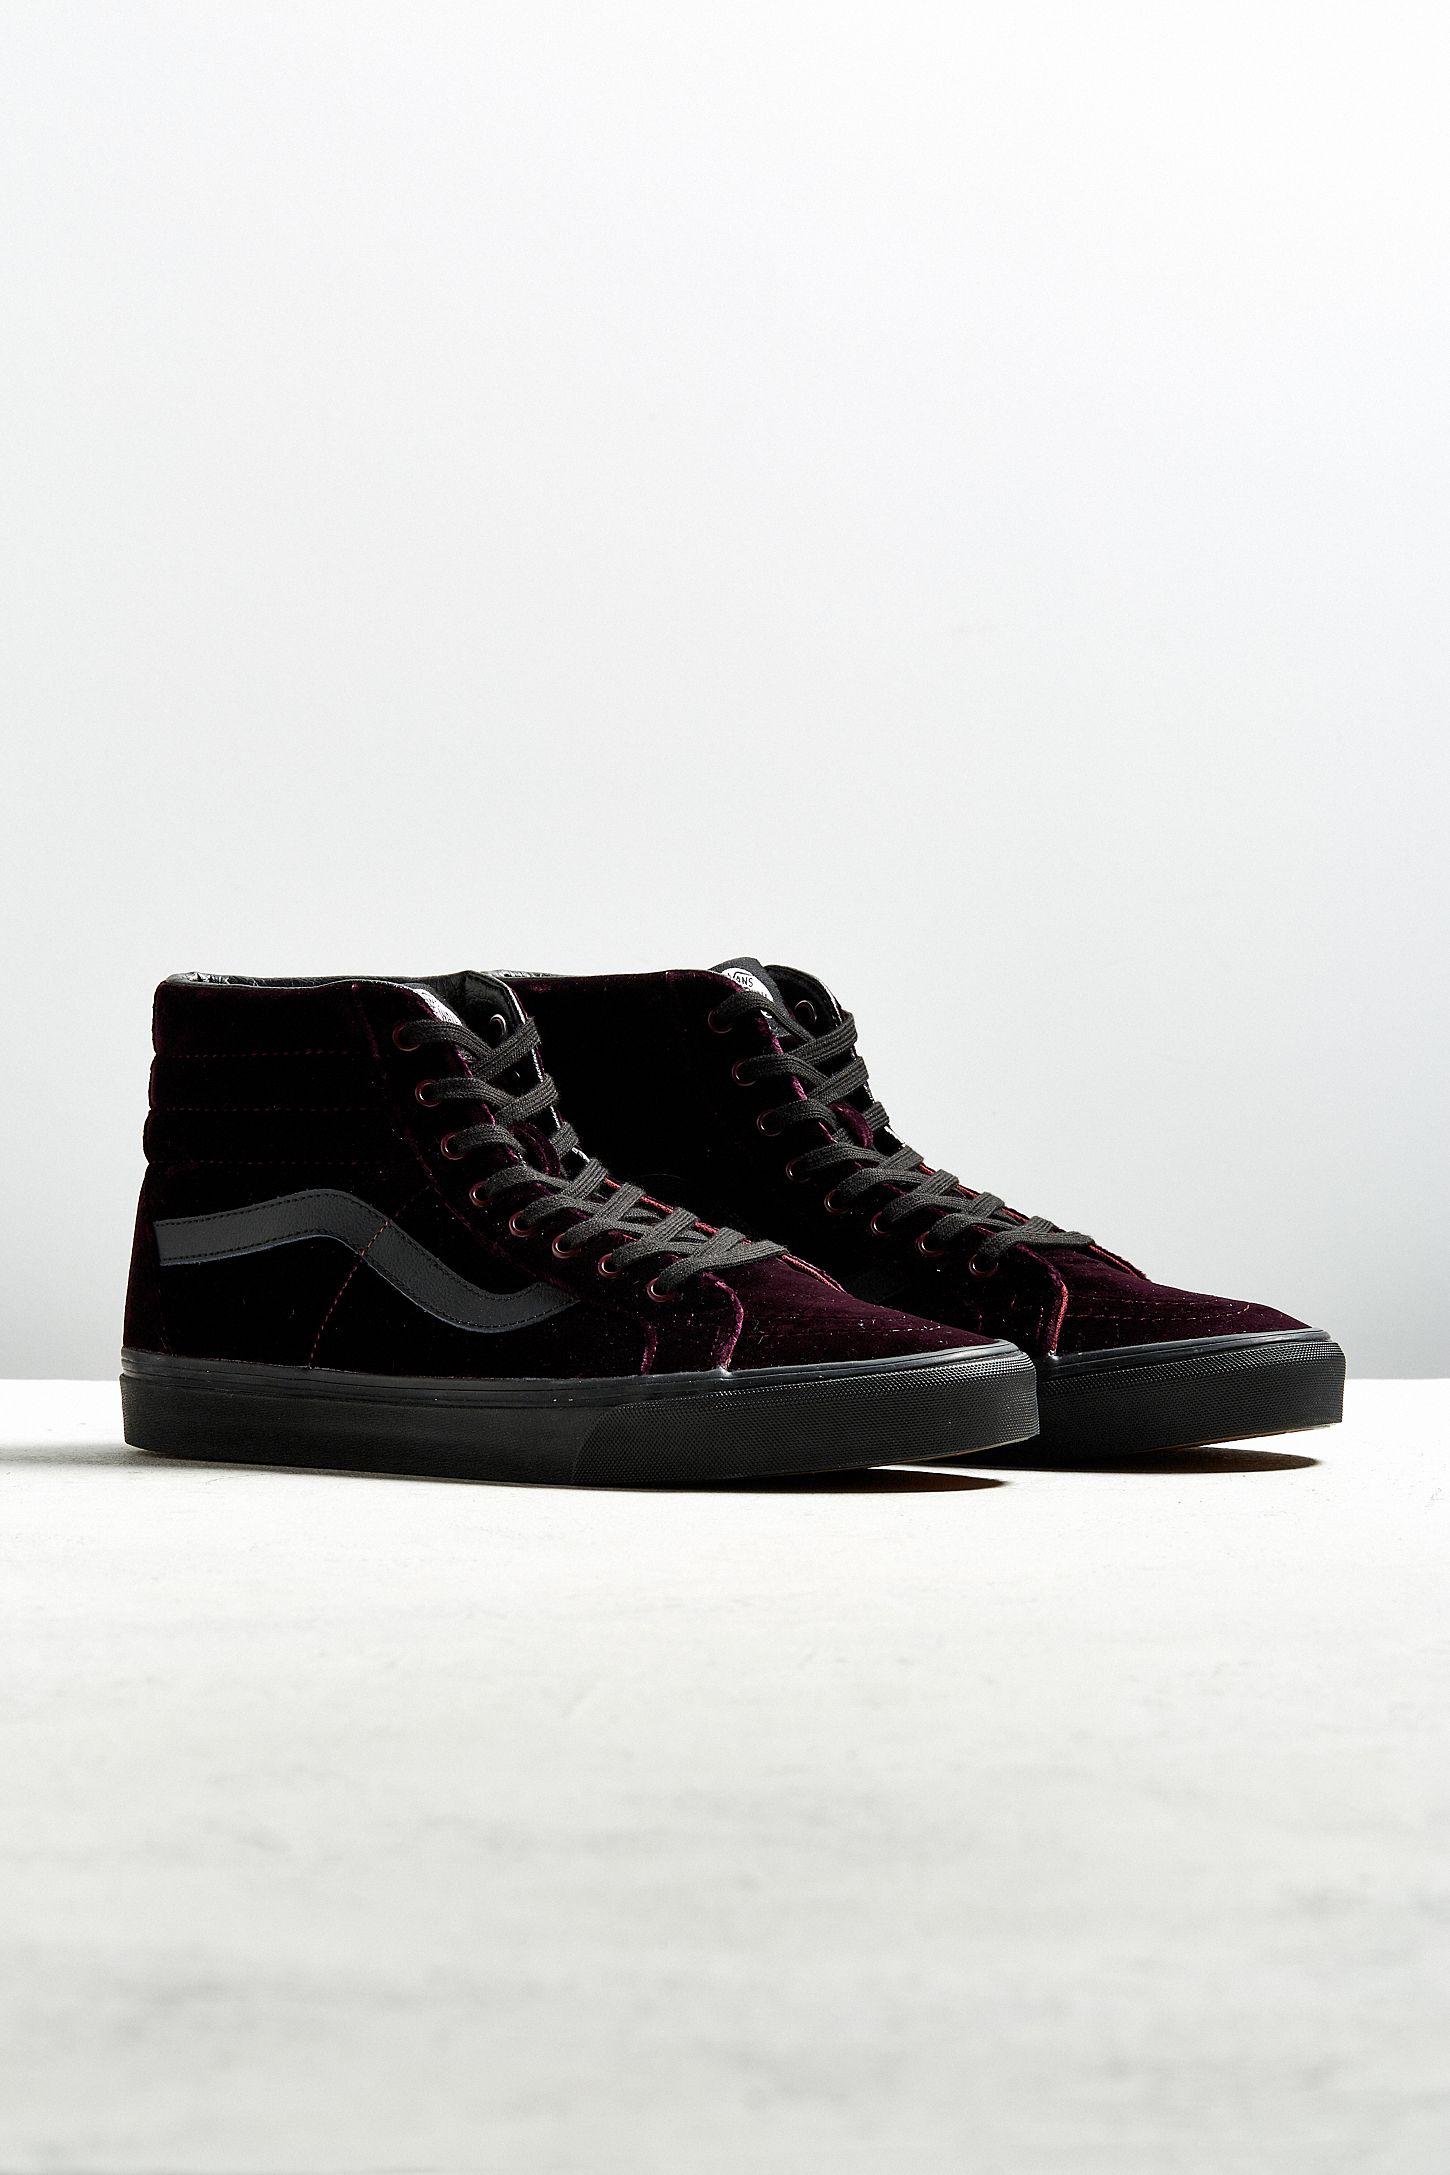 92a8b0cc38 Vans Sk8-Hi Reissue Burgundy Velvet Sneaker